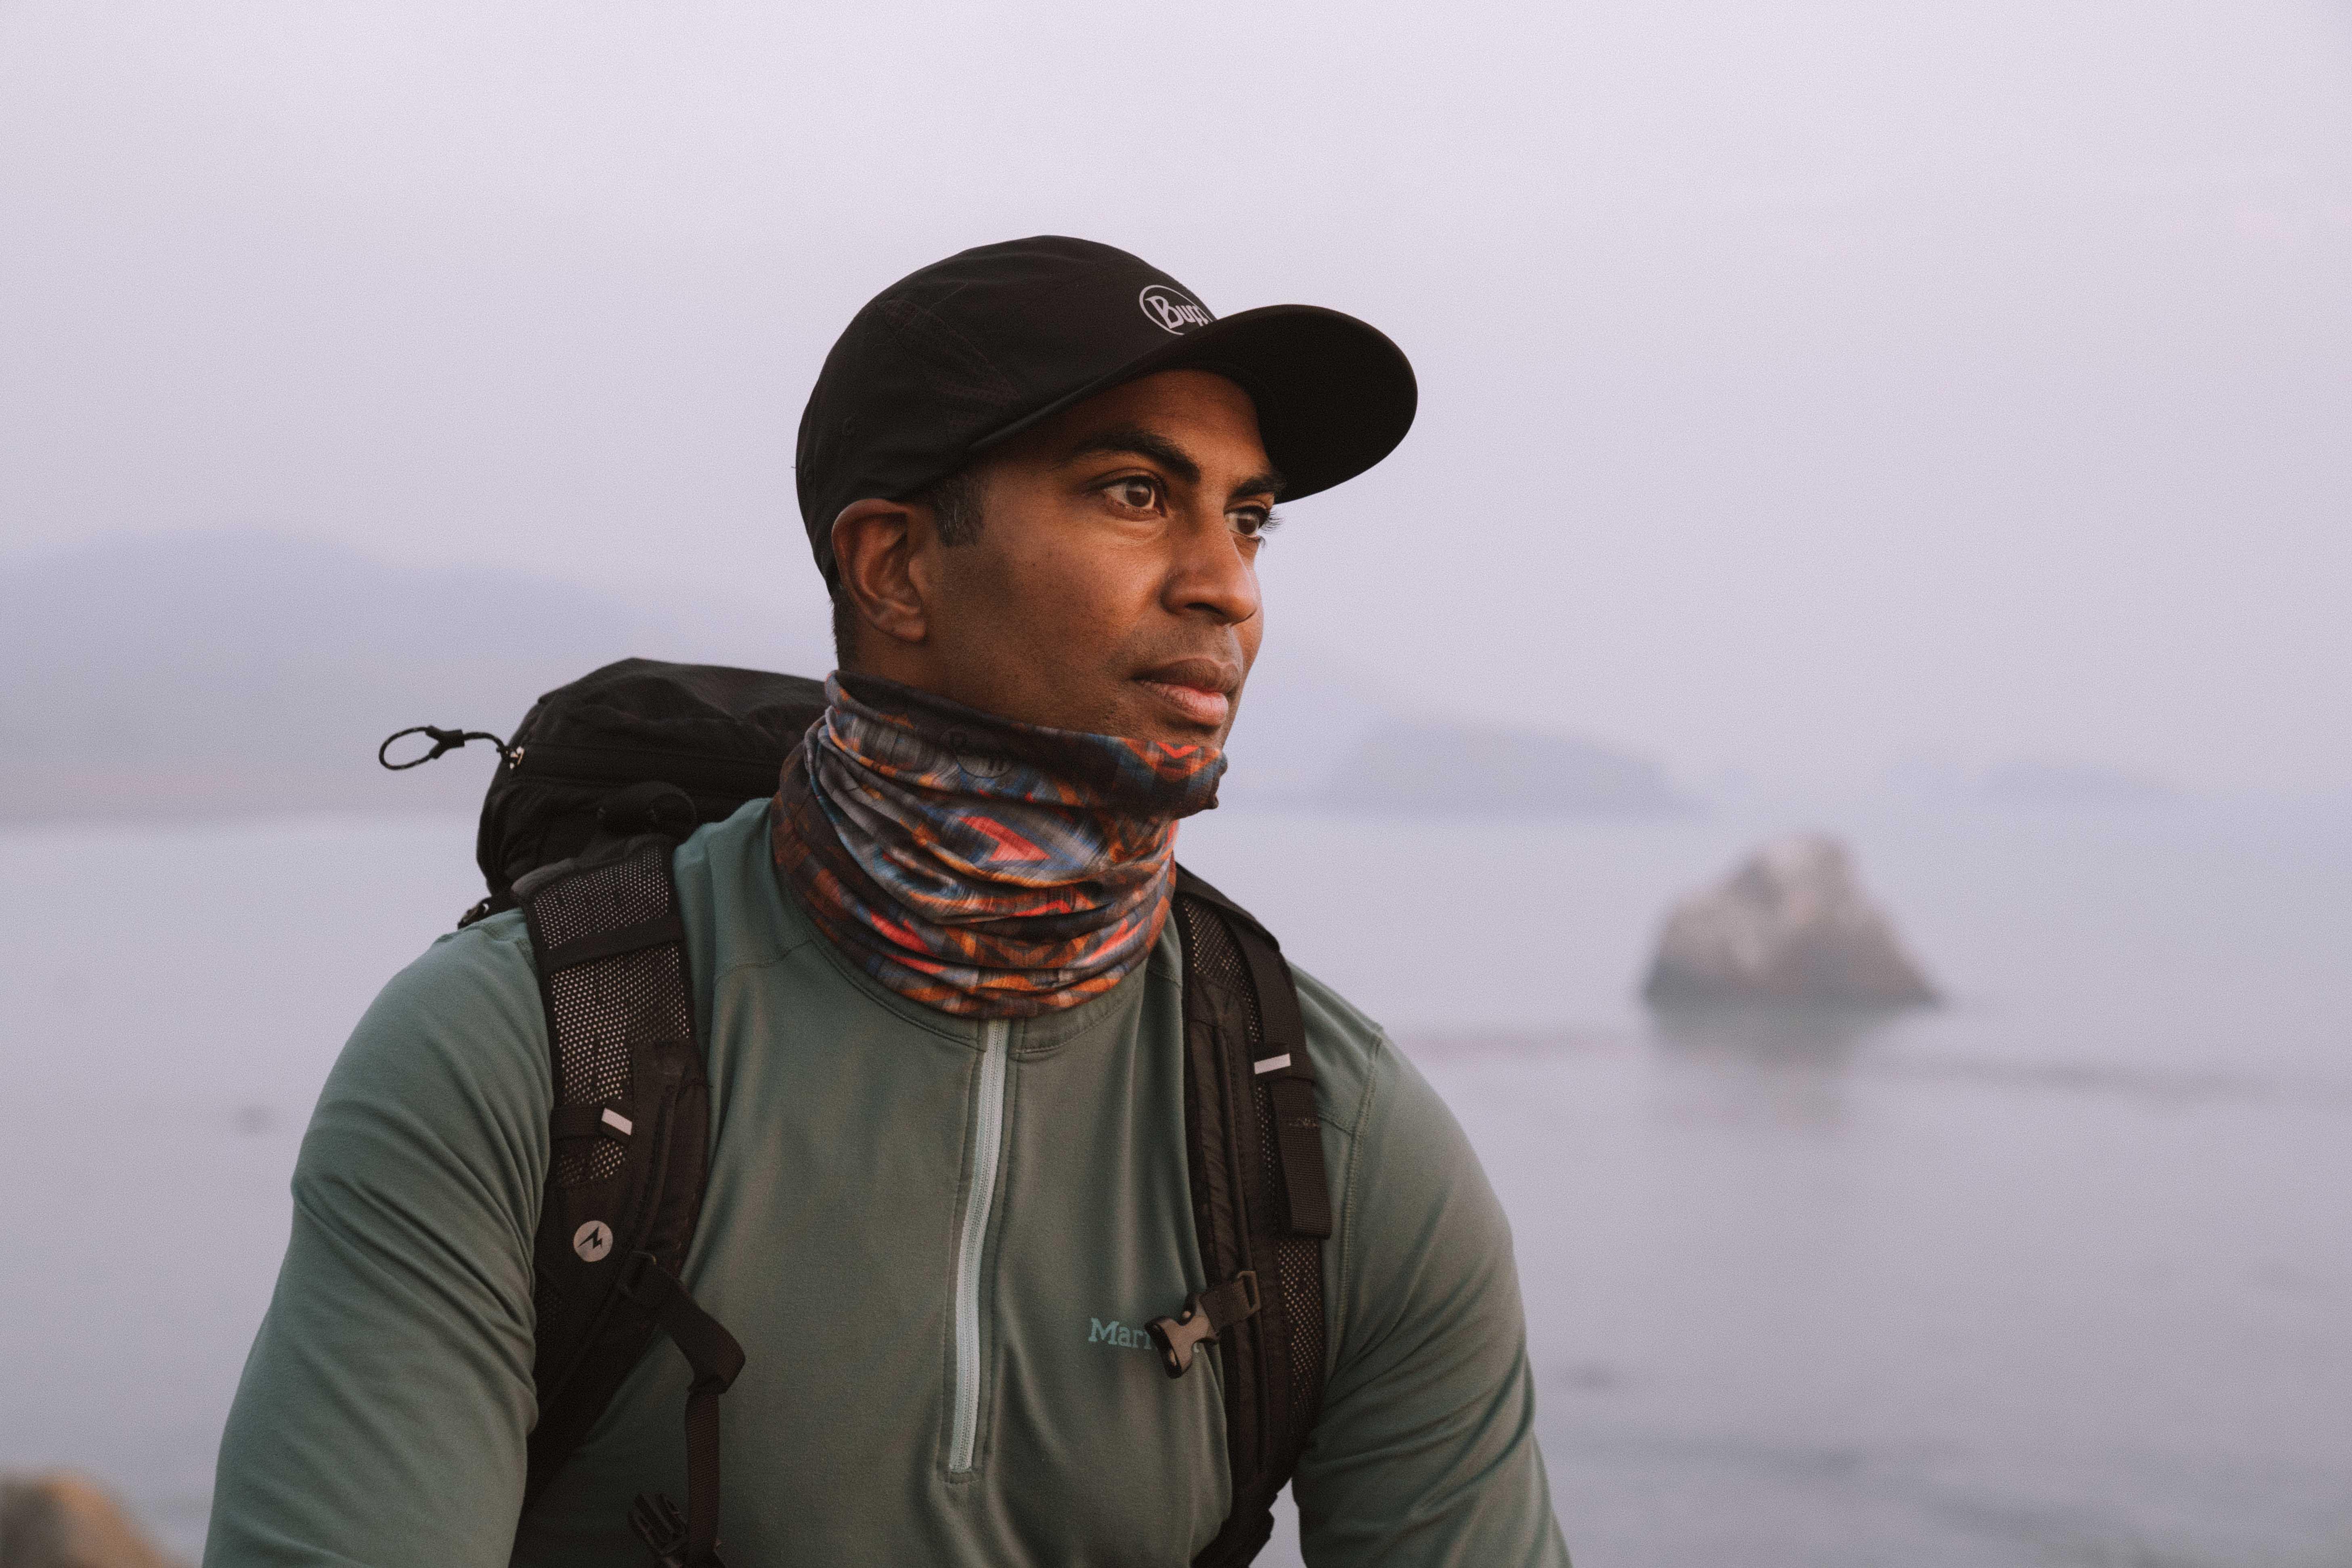 man hiking in BUFF neckwear